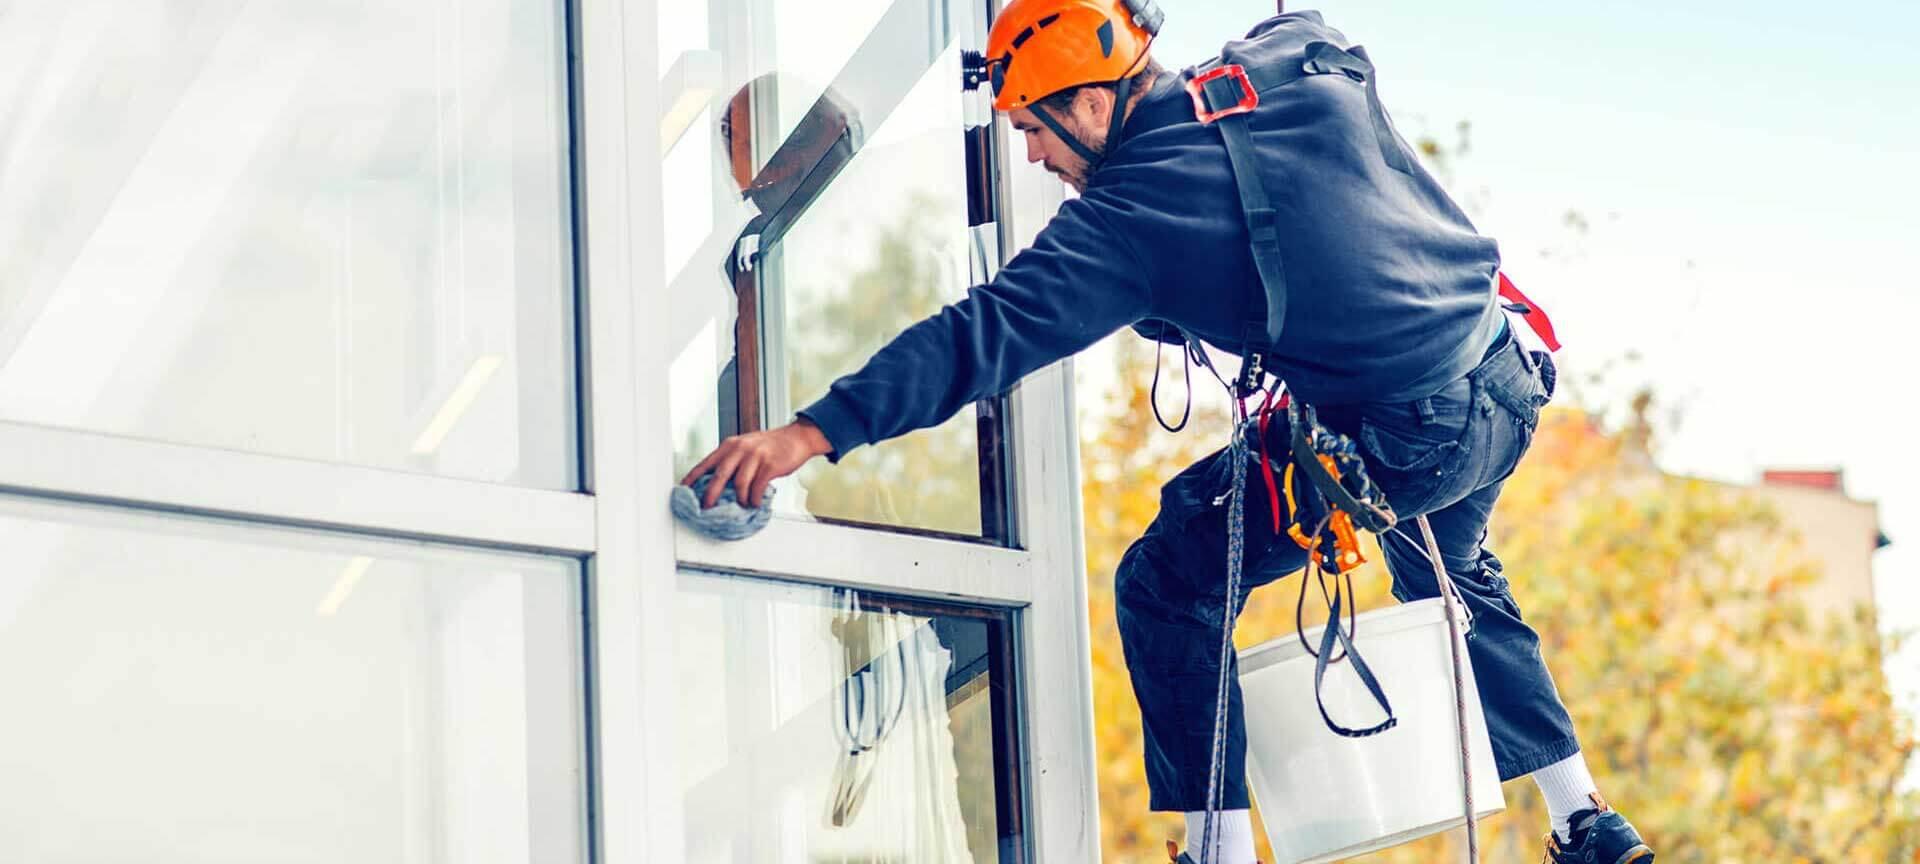 Ein Bildausschnitt eines Mannes, der mit Sicherheitsgurten in der Luft hängt und die Glasfassade eines Gebäudes von außen reinigt.